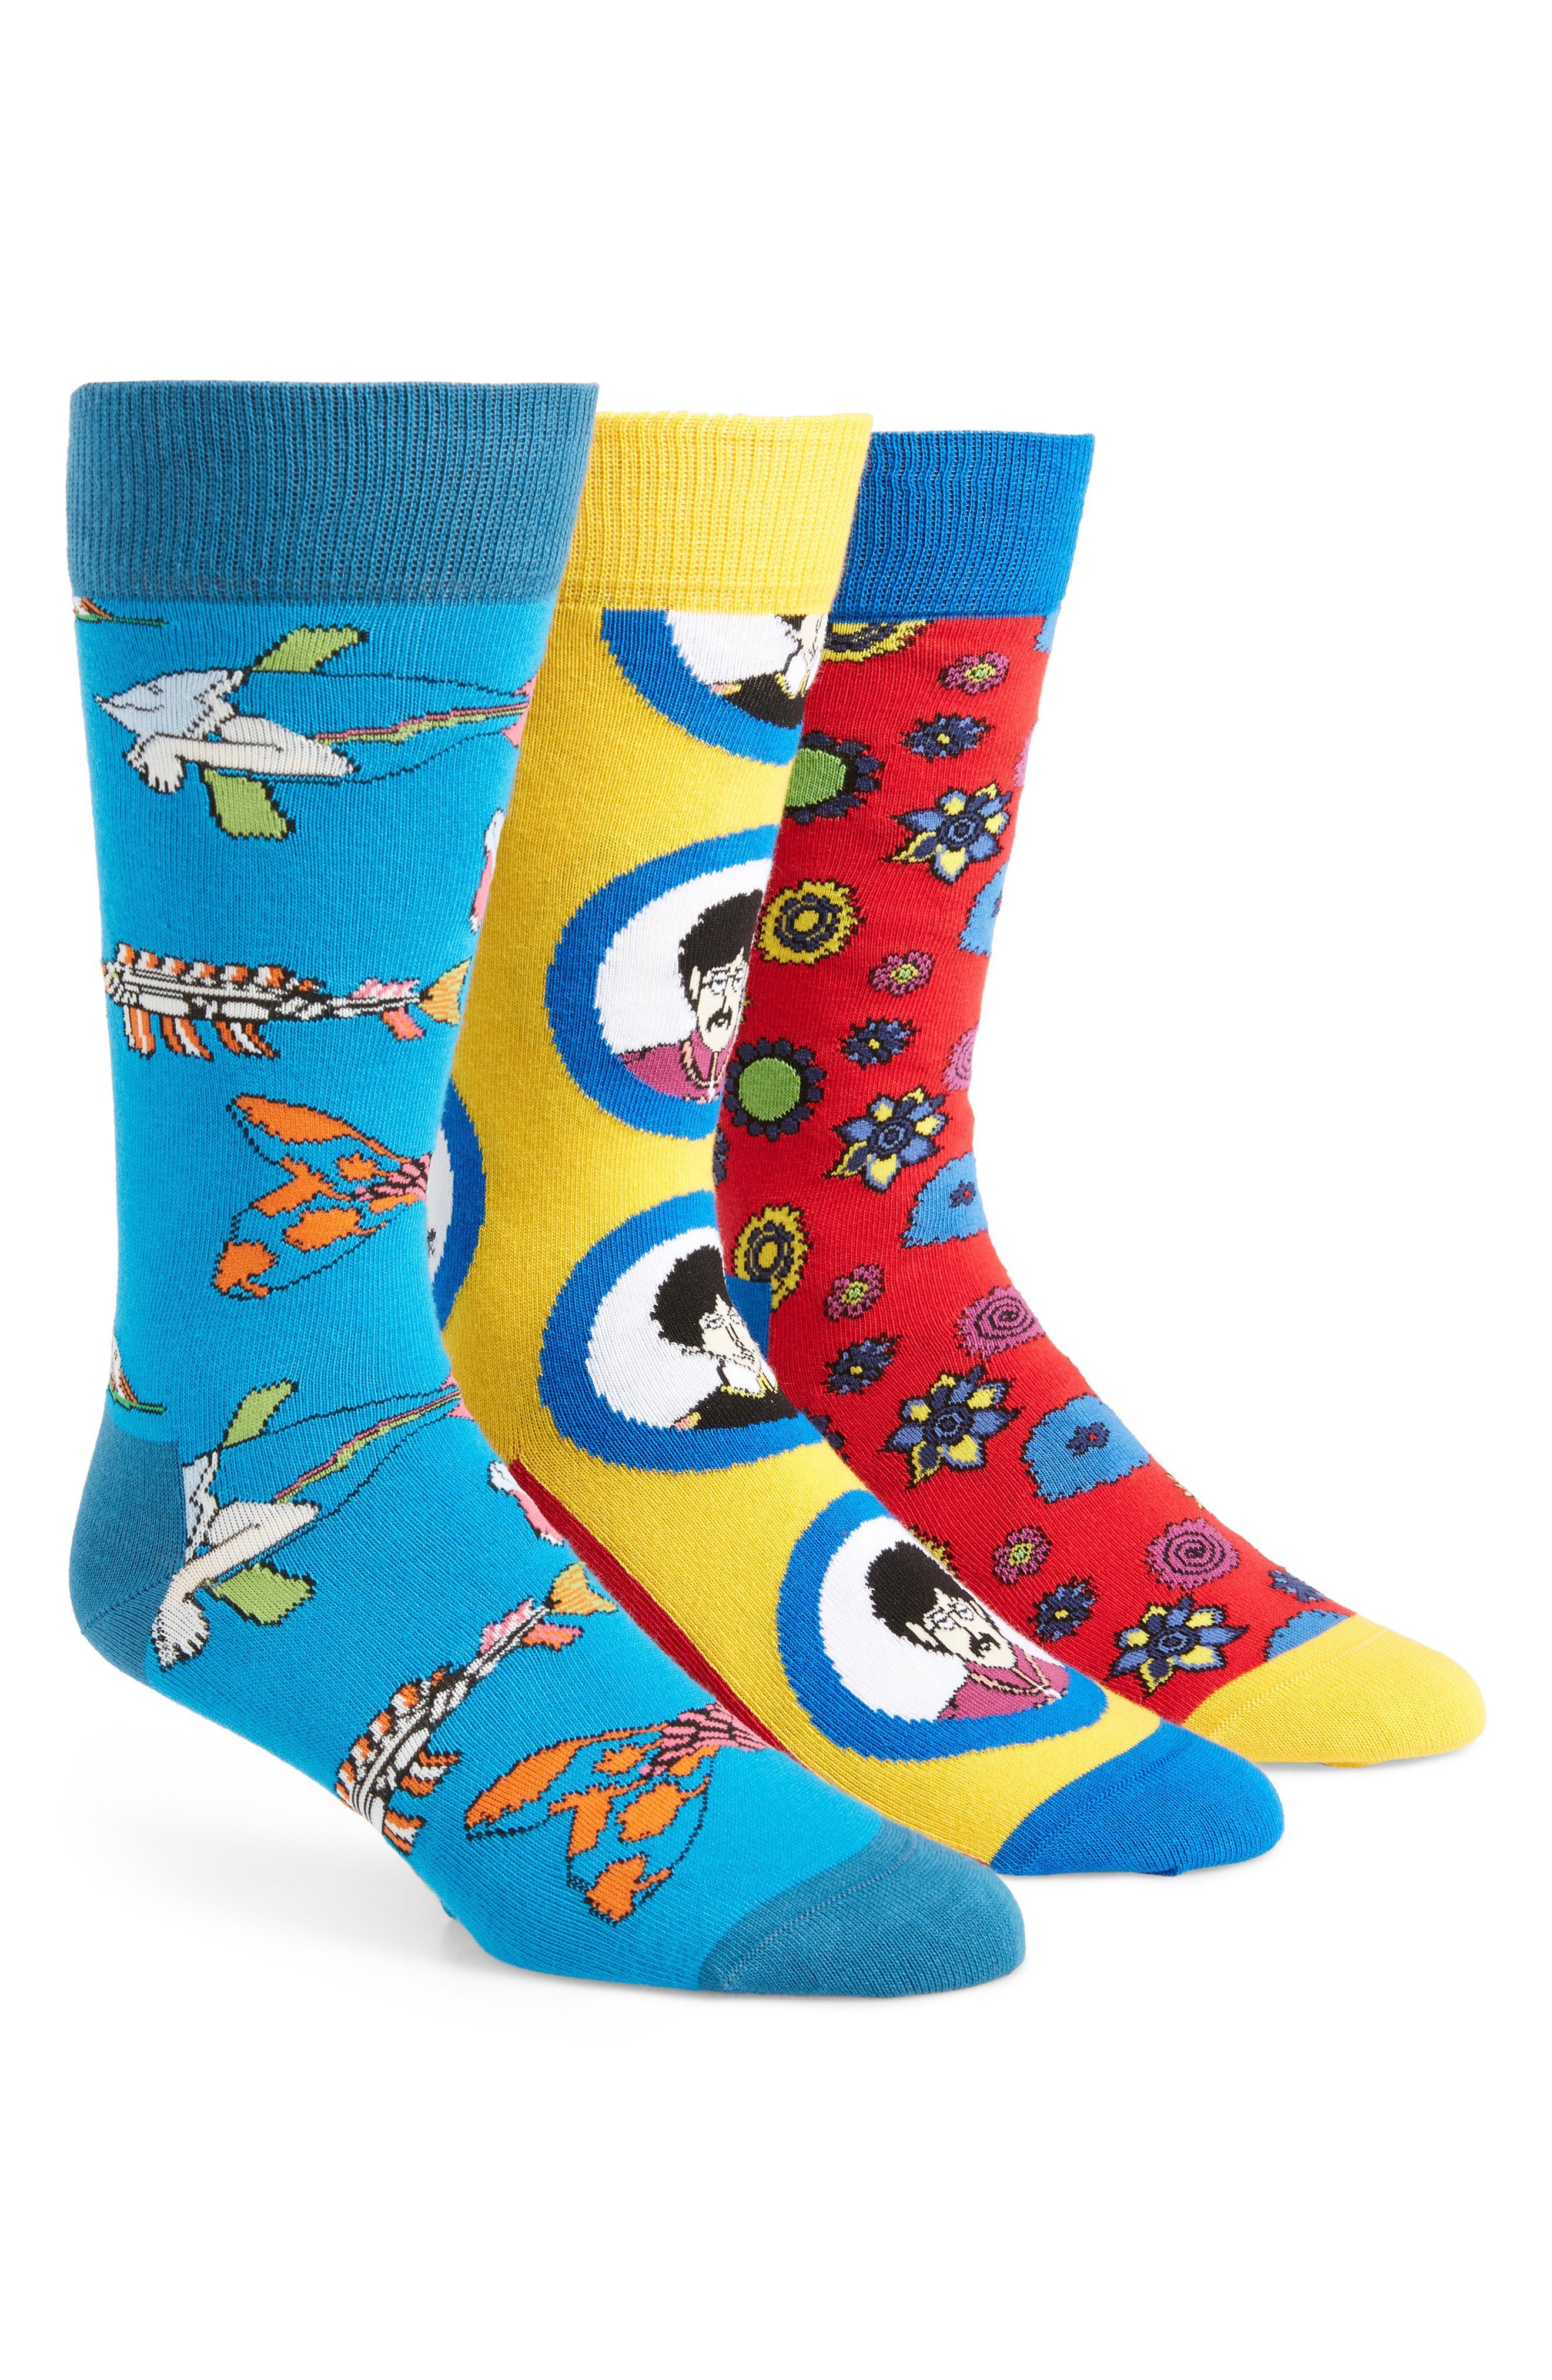 Lyst - Happy Socks The Beatles 3-pack Sock Gift Set in Blue for Men